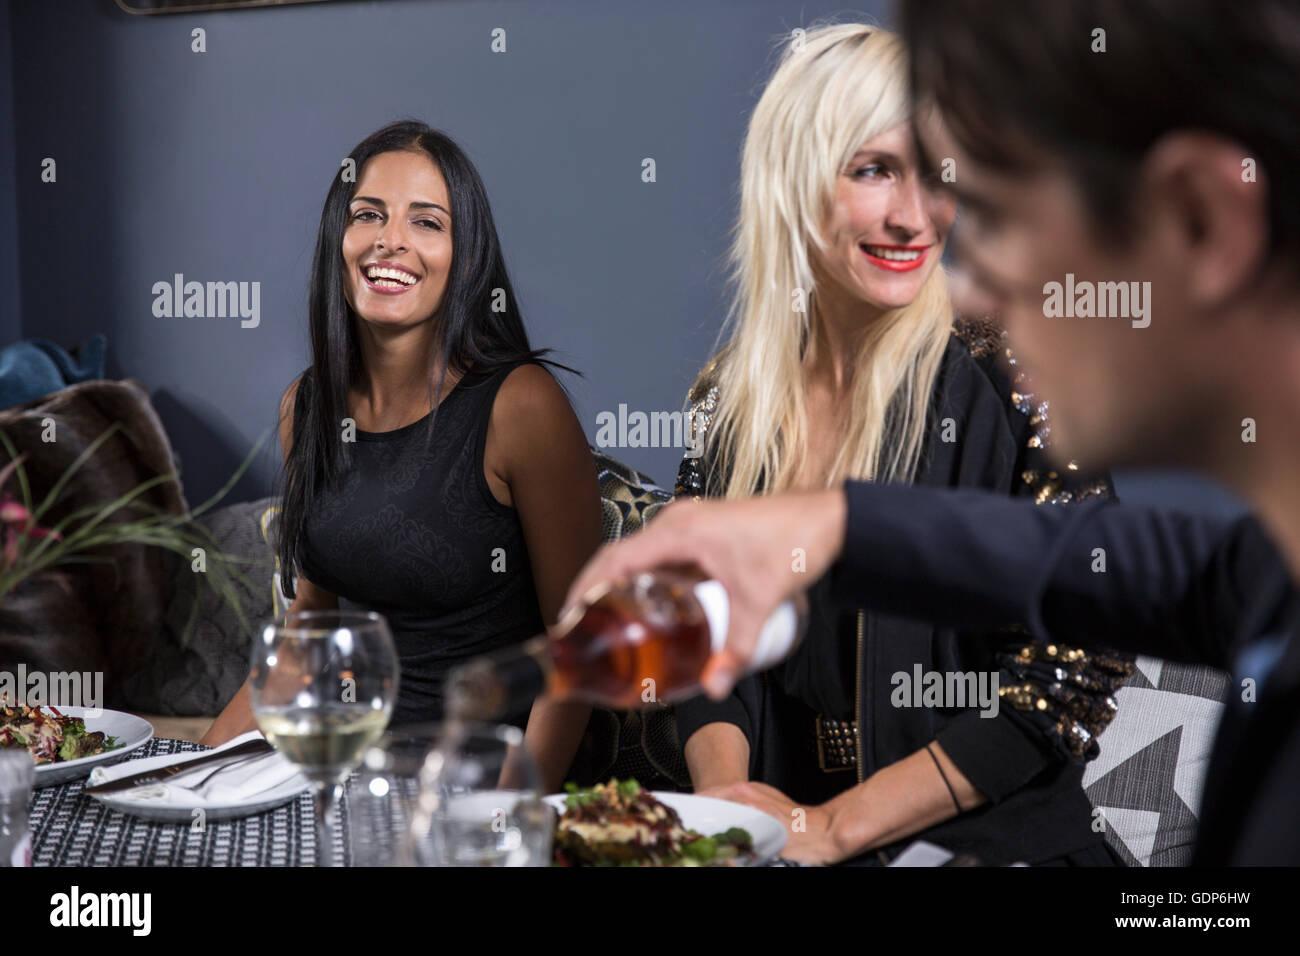 Les amis de dîner dans restaurant Photo Stock